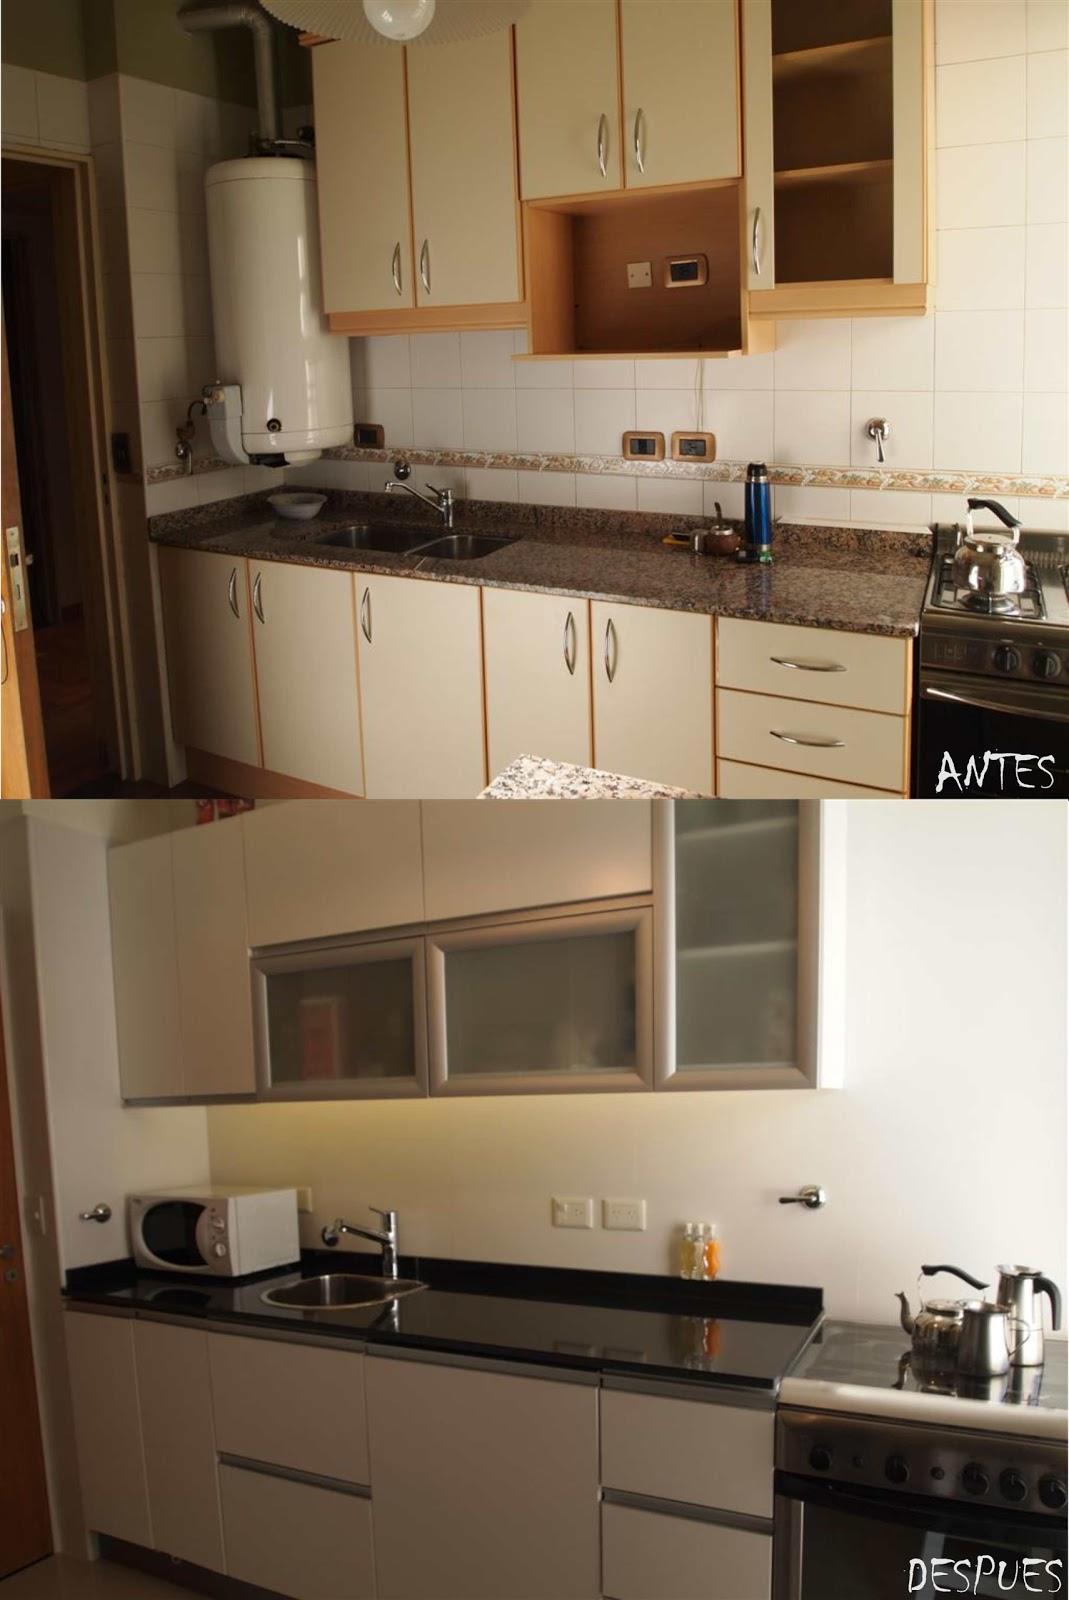 Arquitectura a tu medida remodelacion de una cocina for Remodelar cocina pequena